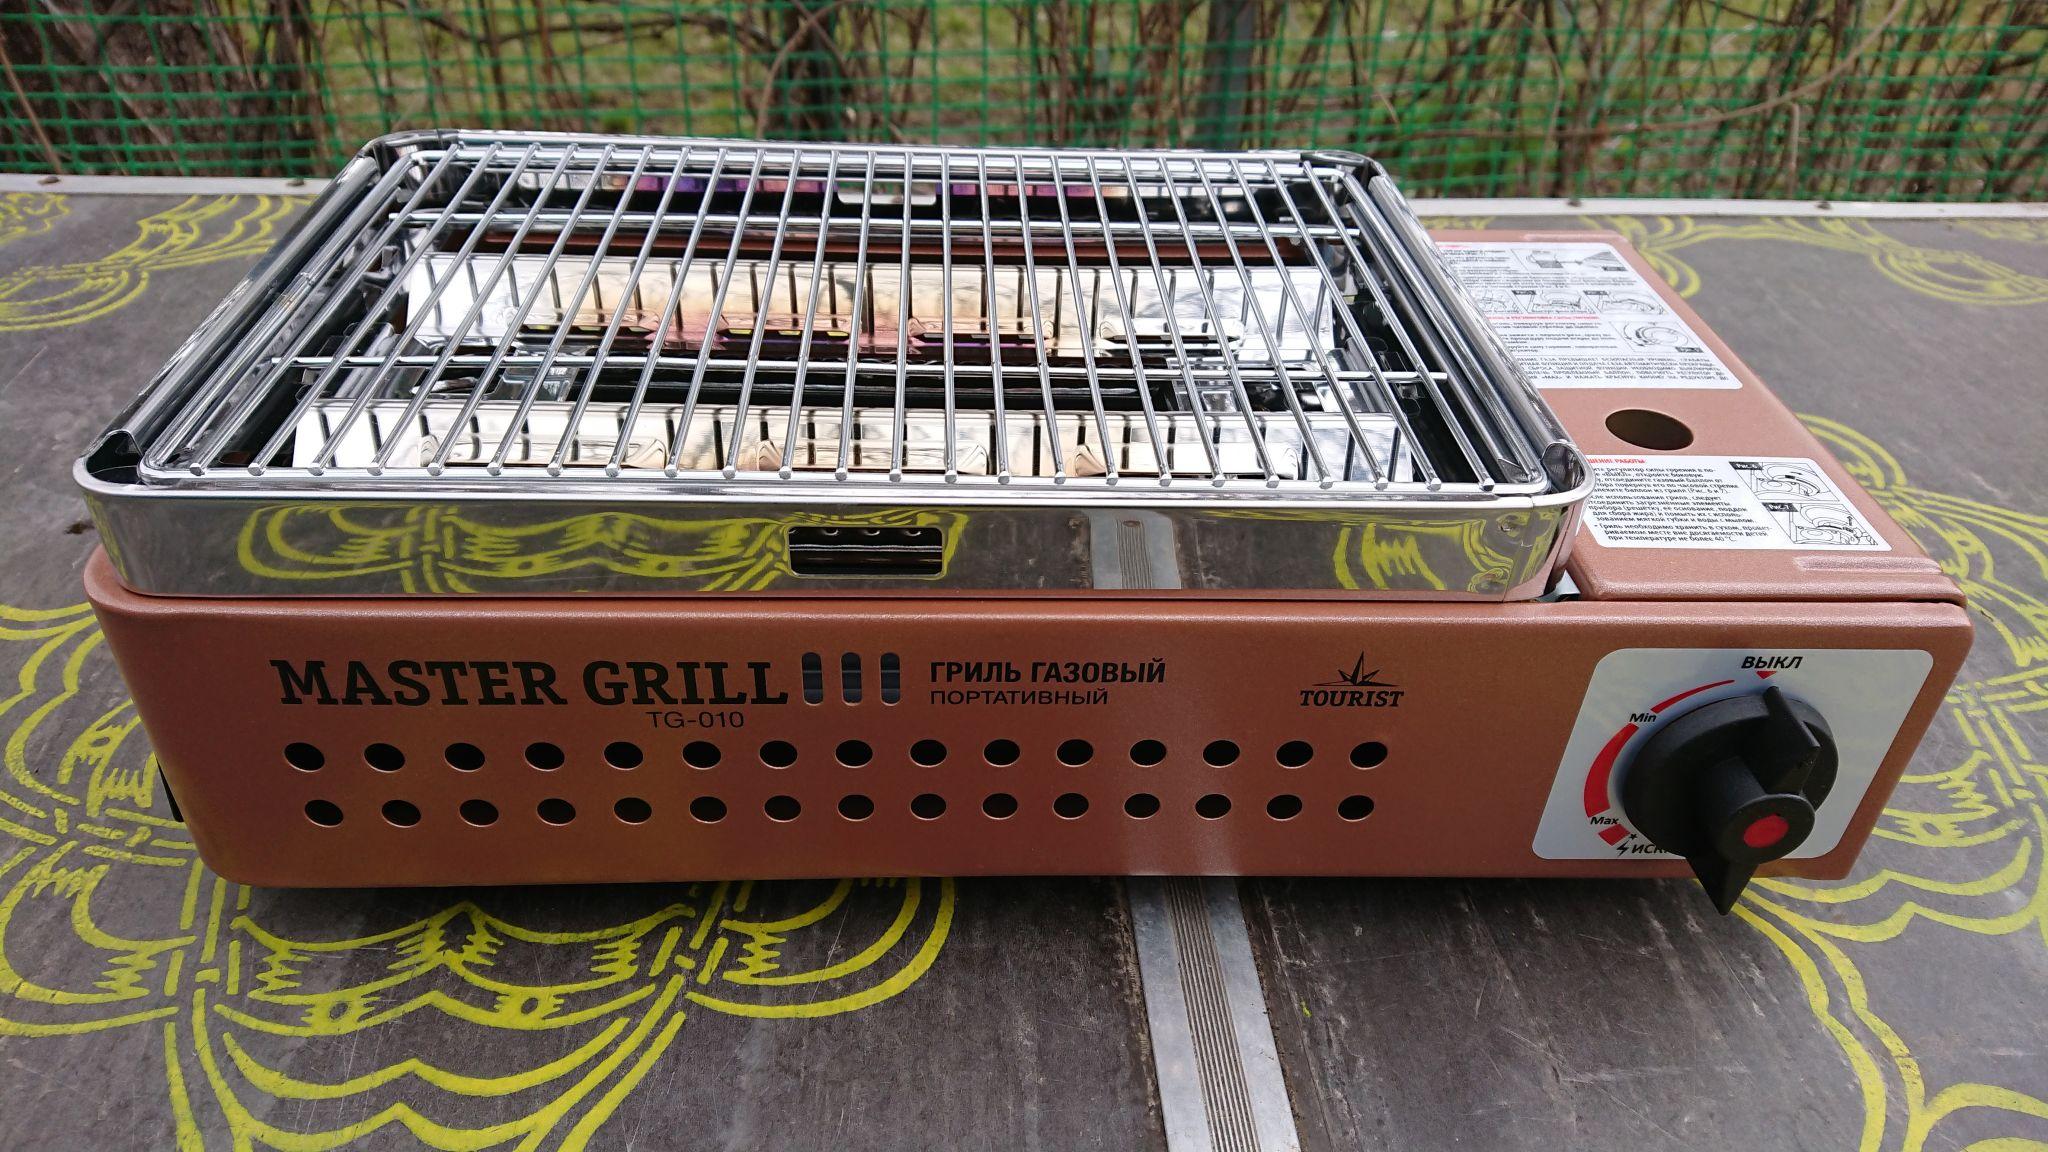 Портативный газовый гриль TOURIST Master Grill TG-010